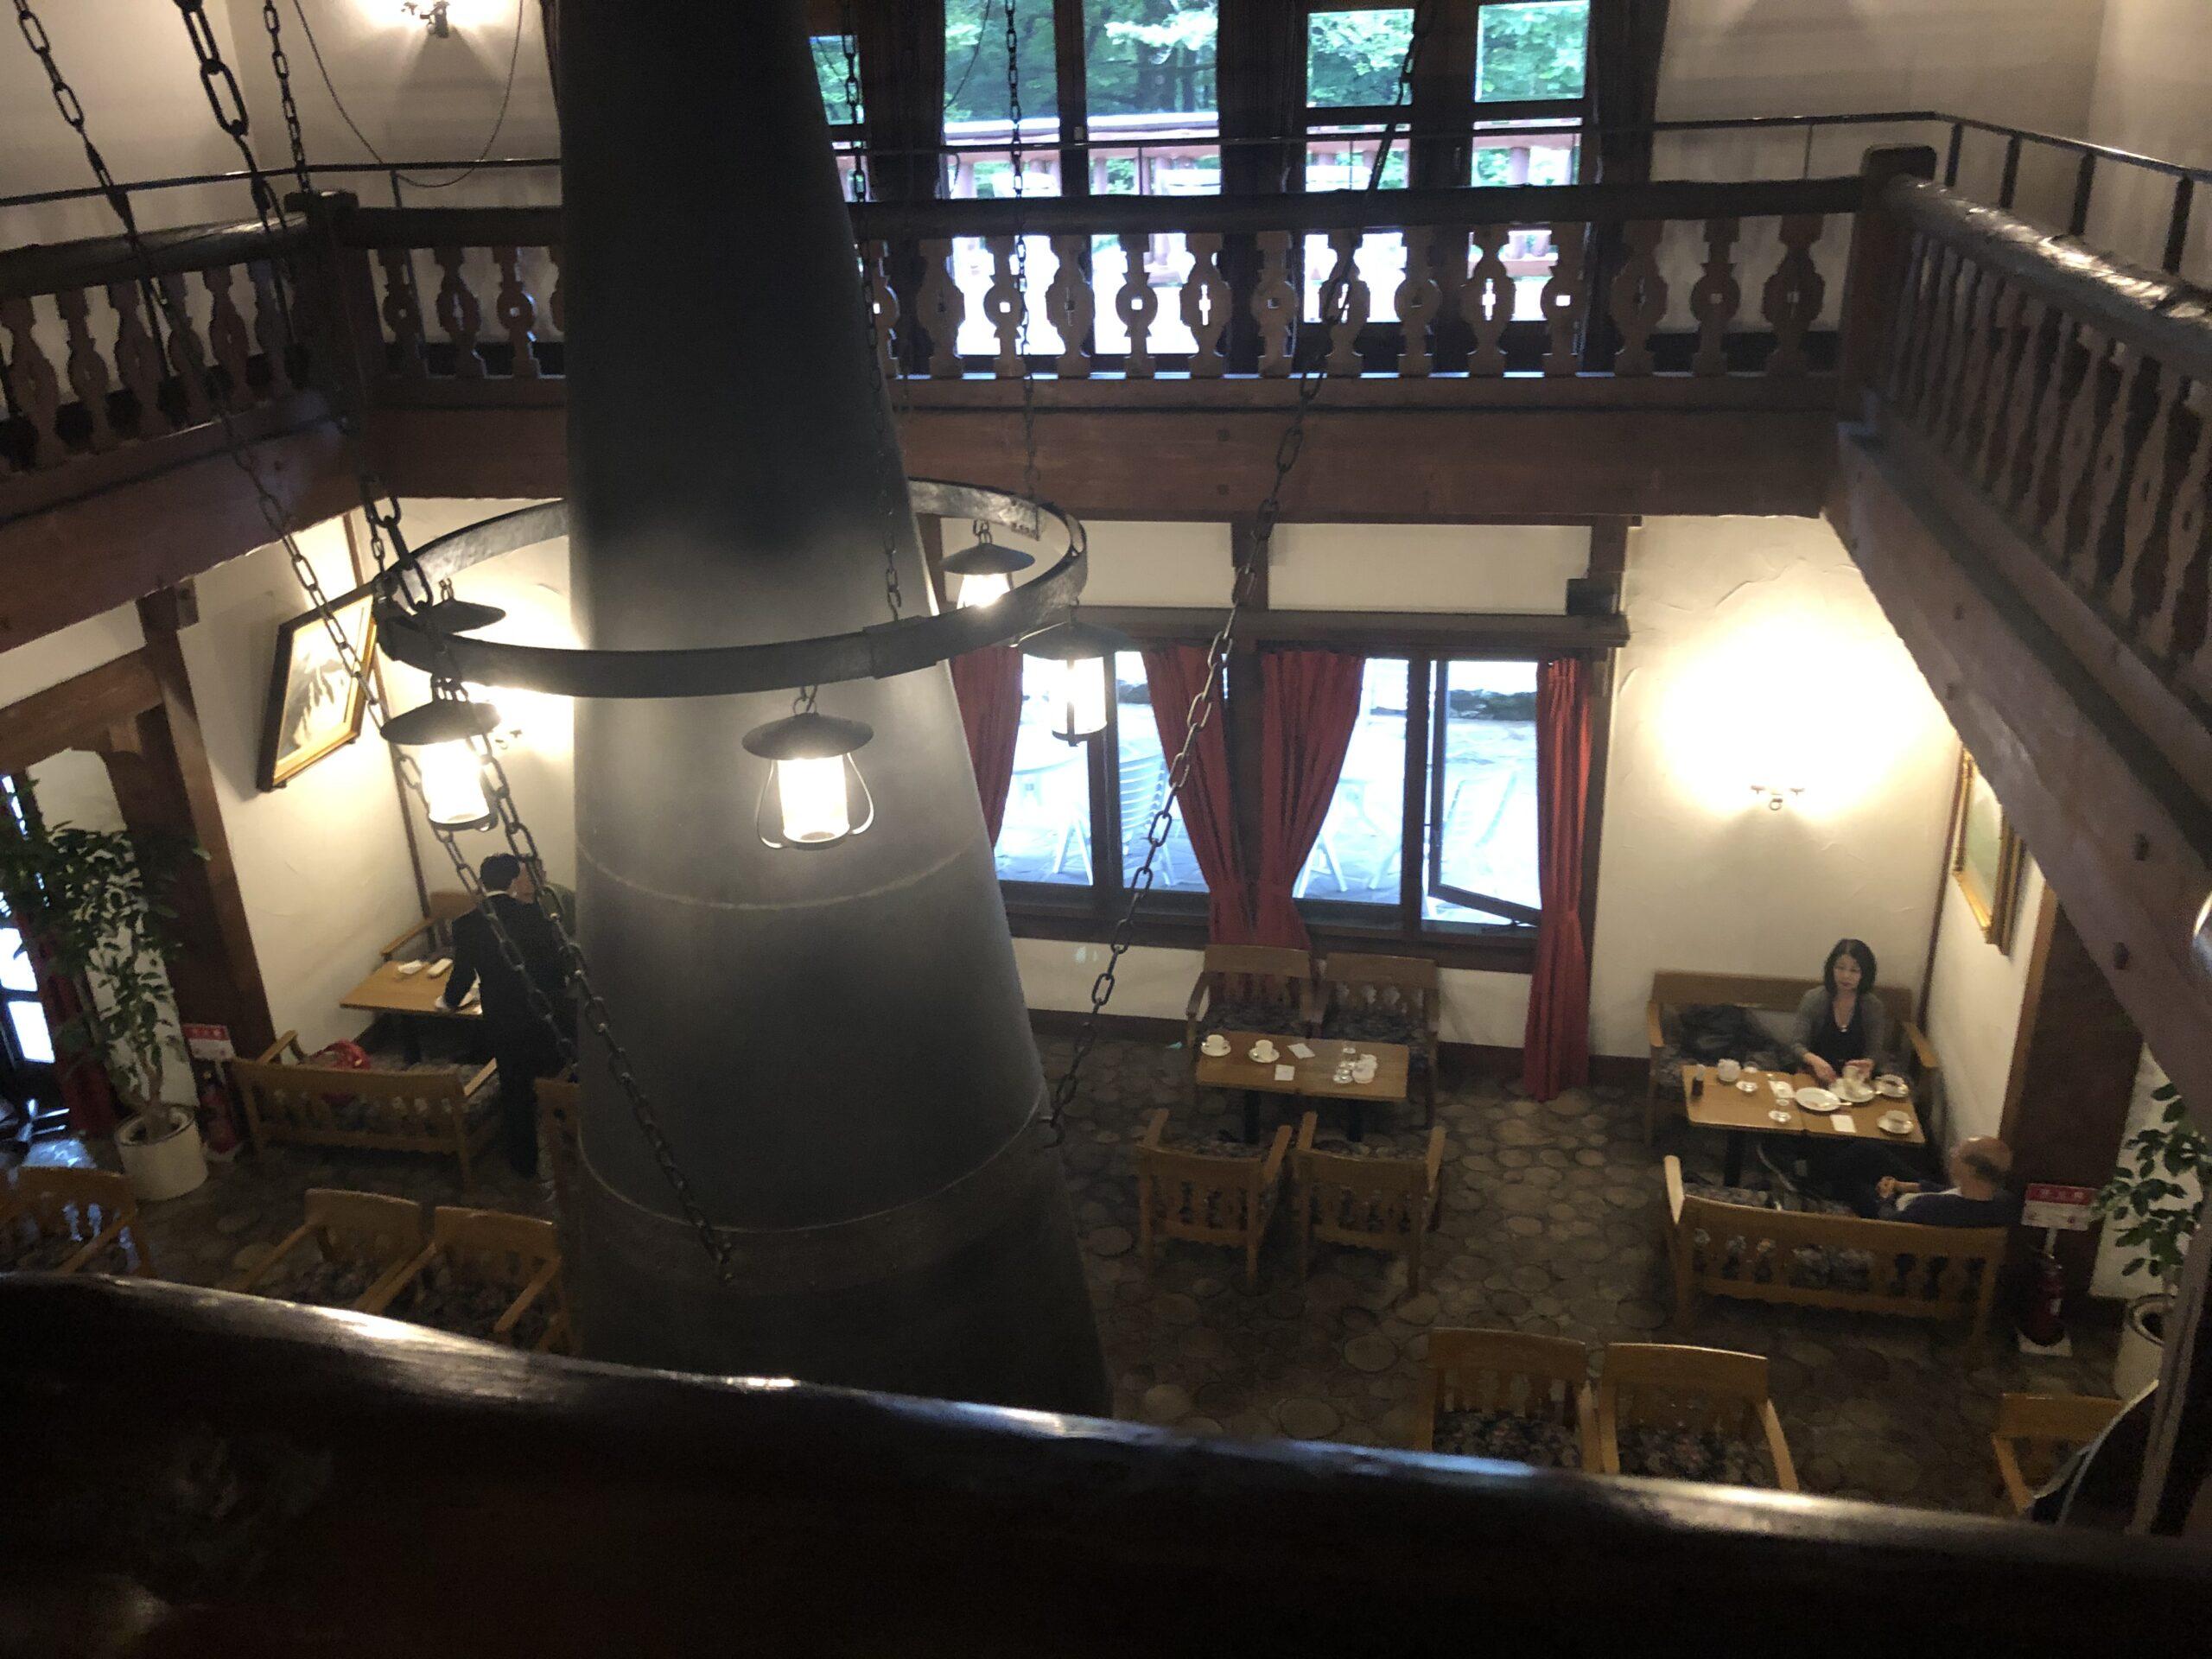 上高地帝国ホテルの2階から撮影したマントルピース